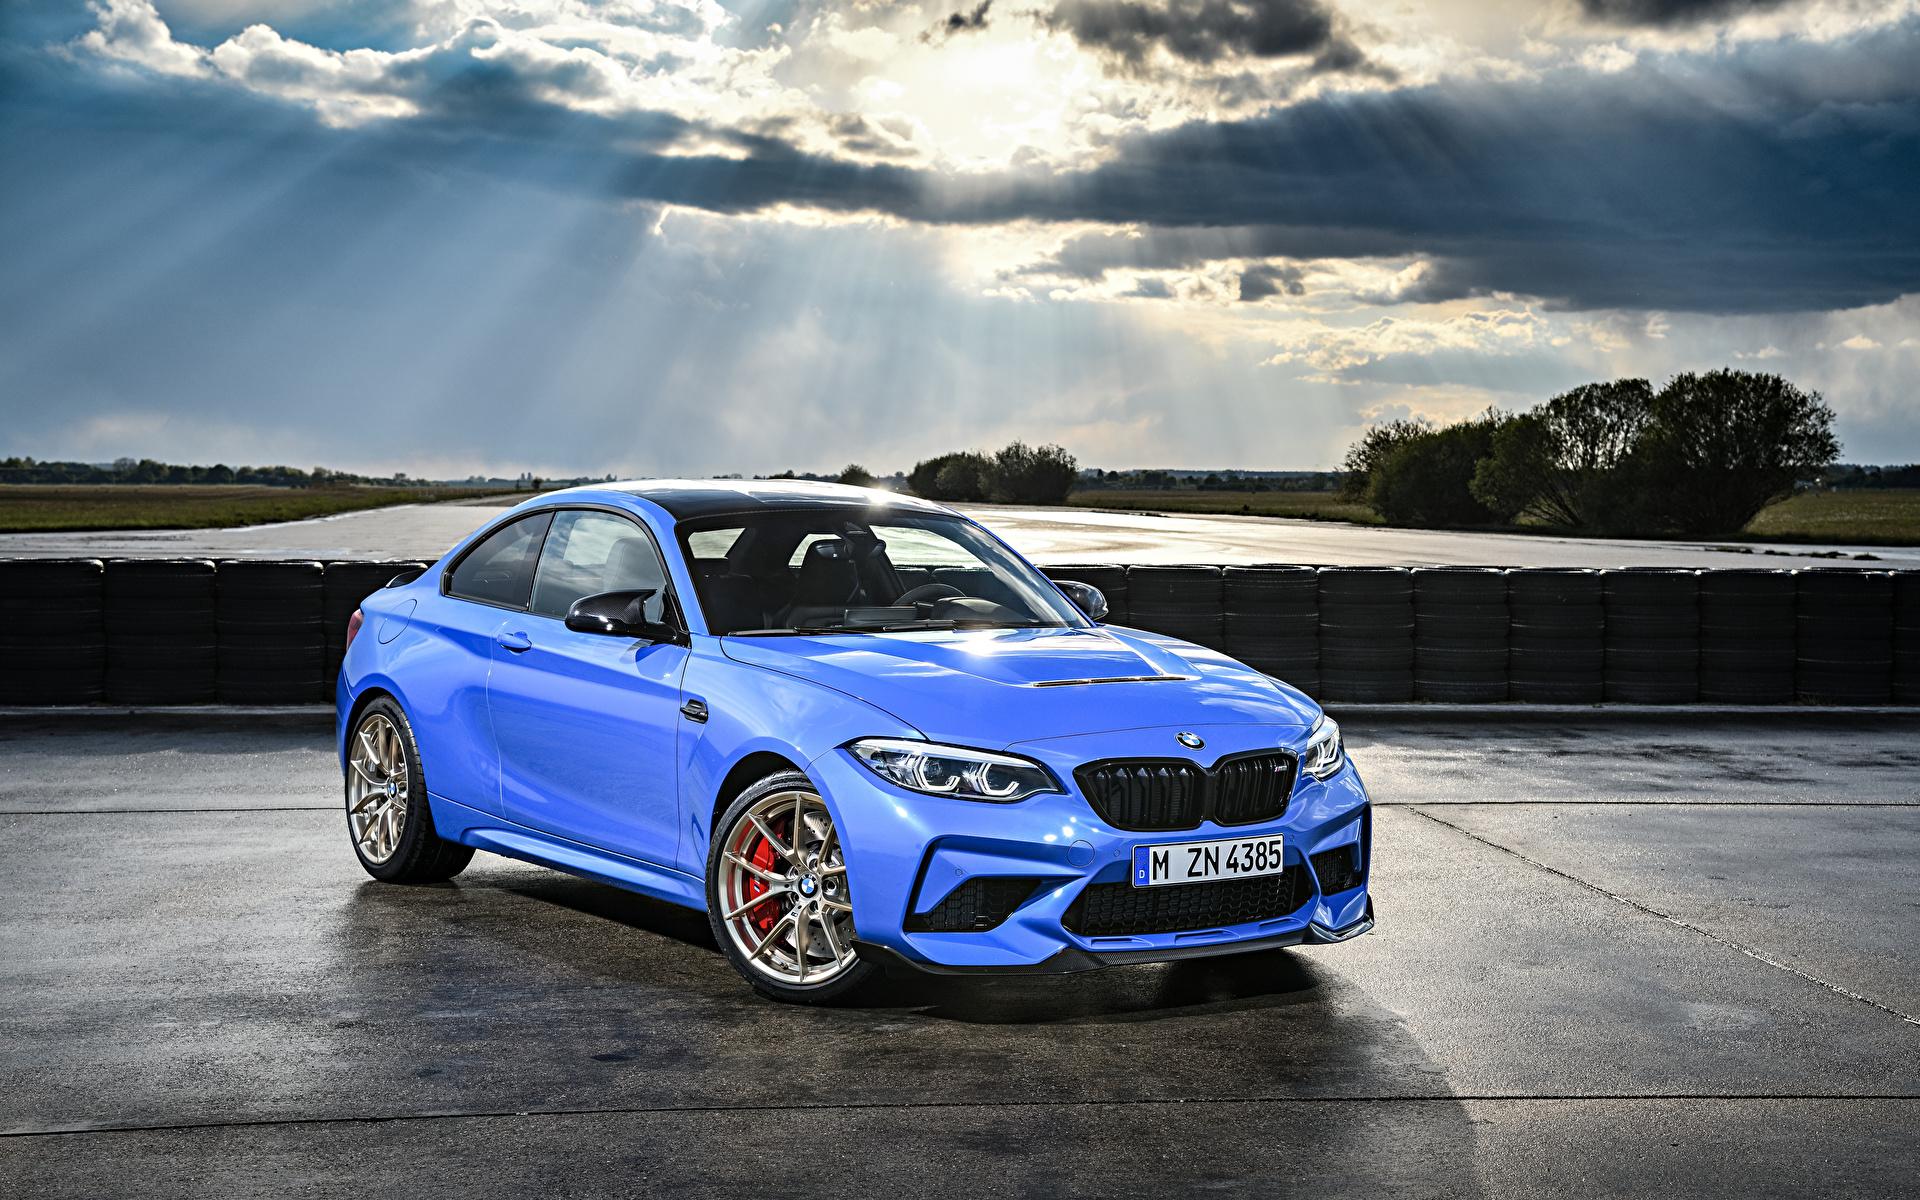 Фотография BMW 2019 M2 CS Worldwide голубая Металлик Автомобили 1920x1200 БМВ Голубой голубые голубых авто машины машина автомобиль